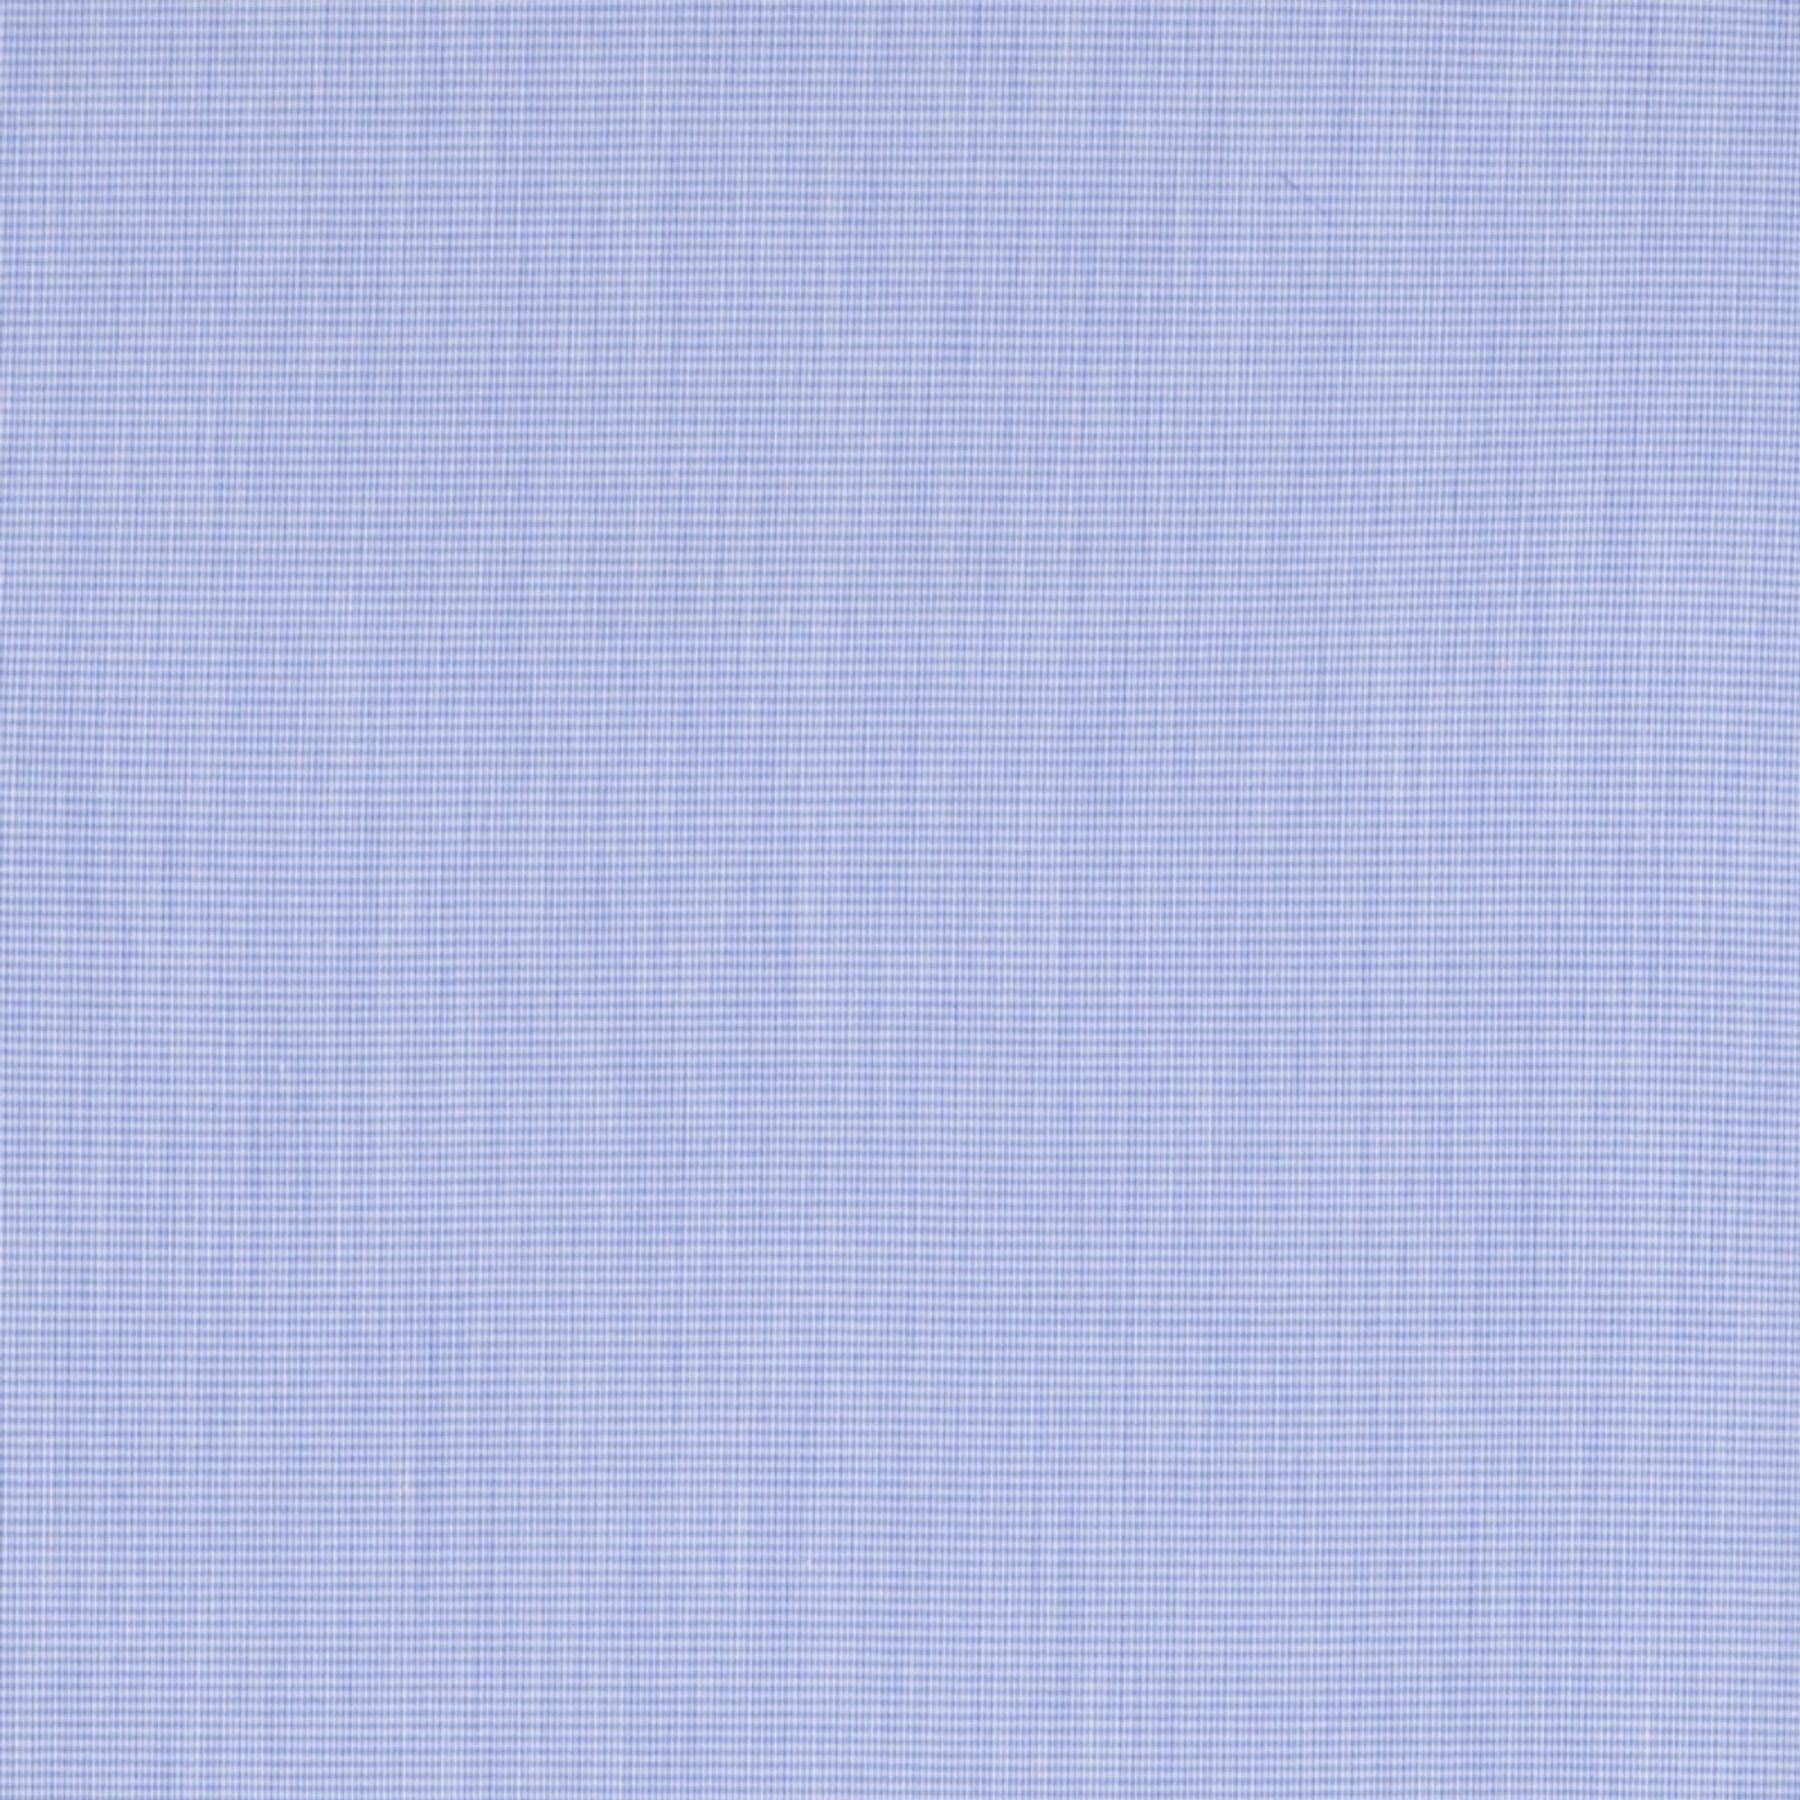 Seidensticker - Herren Hemd, Bügelfrei, Comfort, Schwarze Rose mit Kent Kragen in Blau aus Baumwoll-Popeline (01.311970) – Bild 5